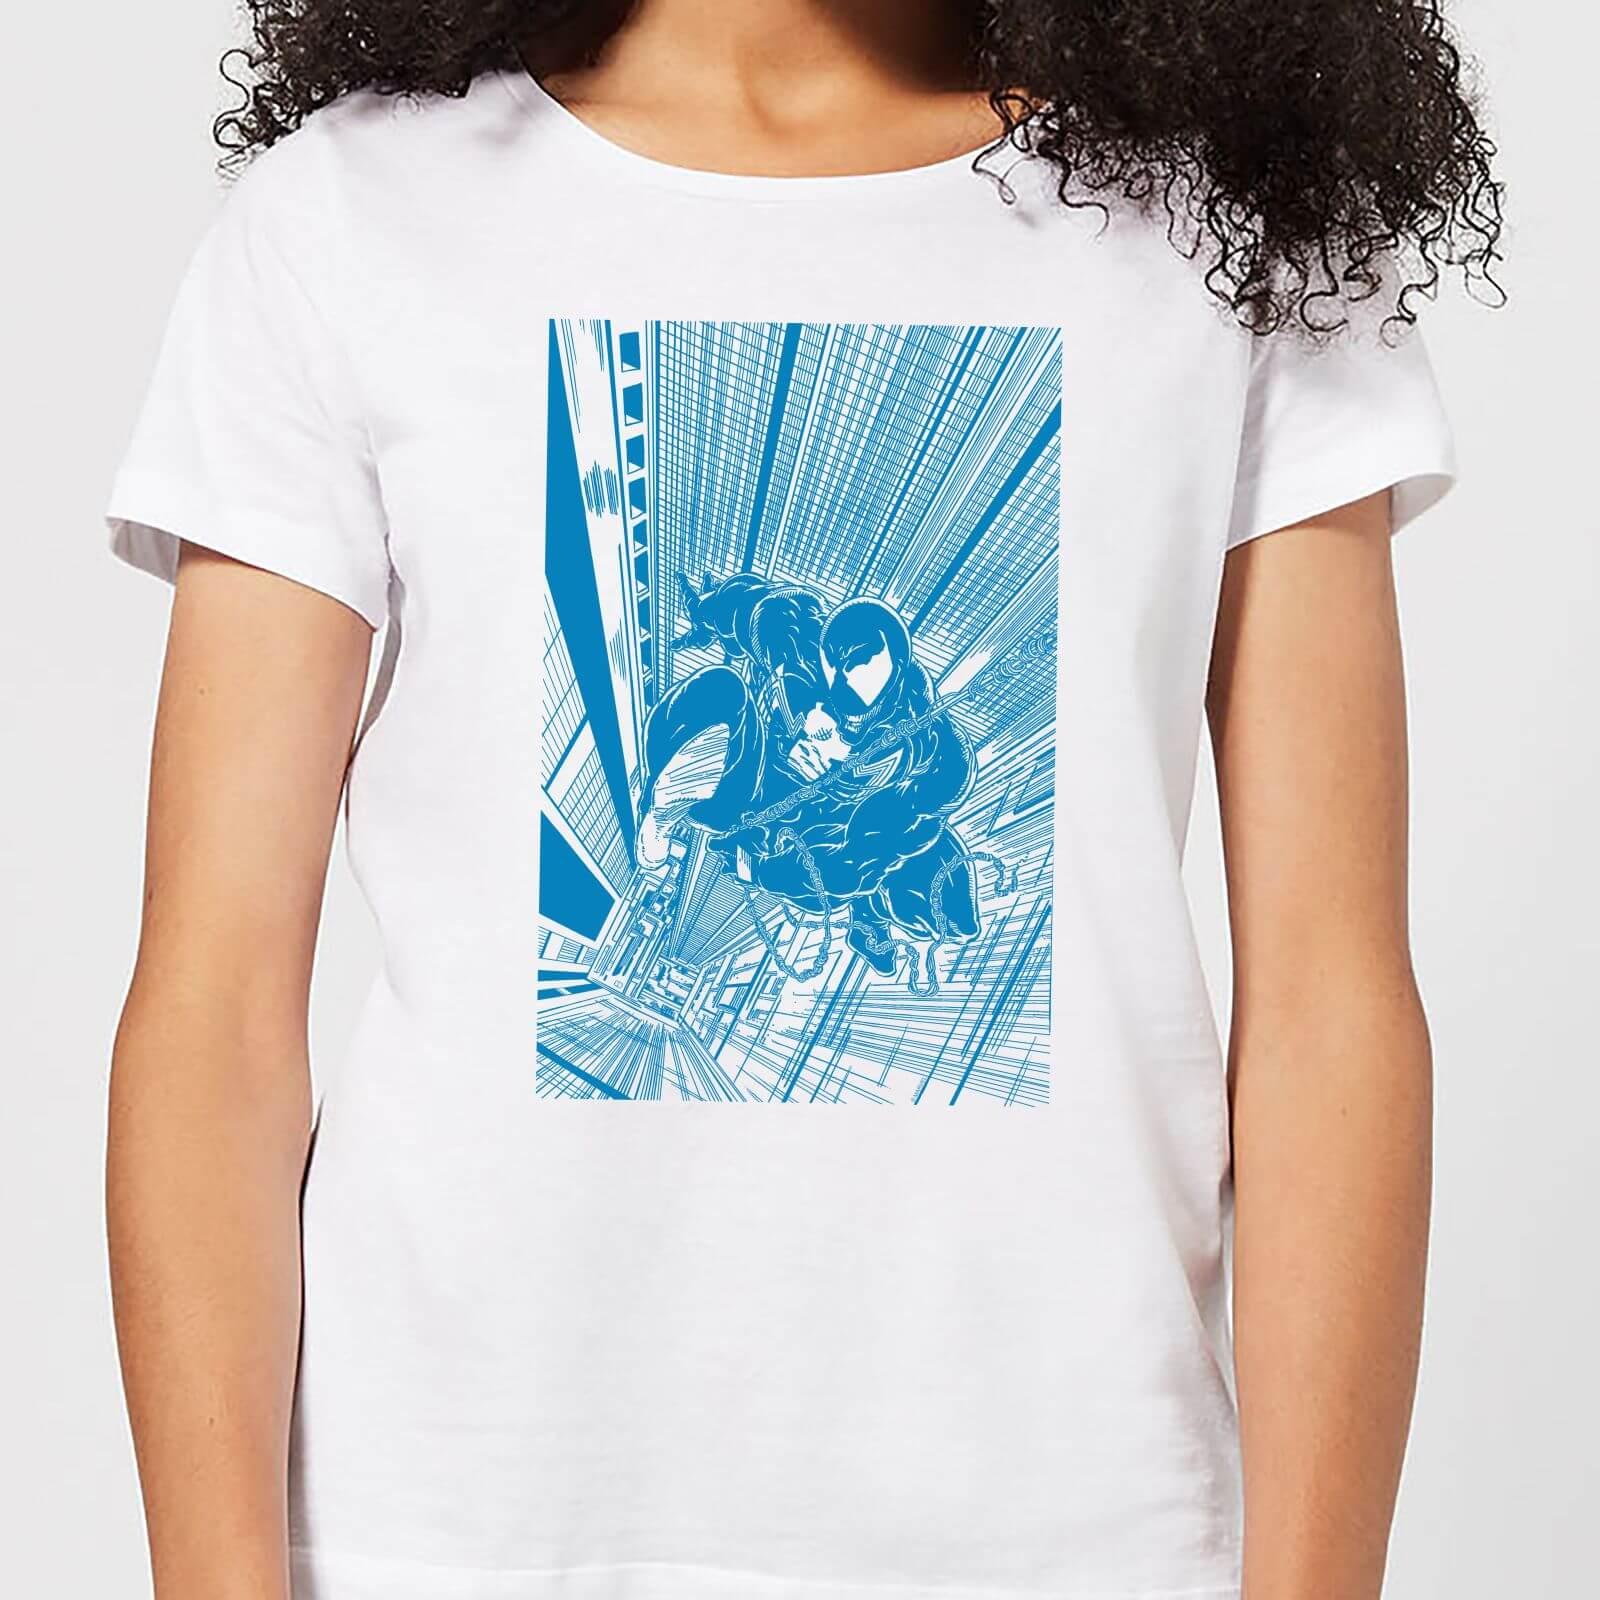 Marvel Venom Comic Panel Women's T-Shirt - White - M - White